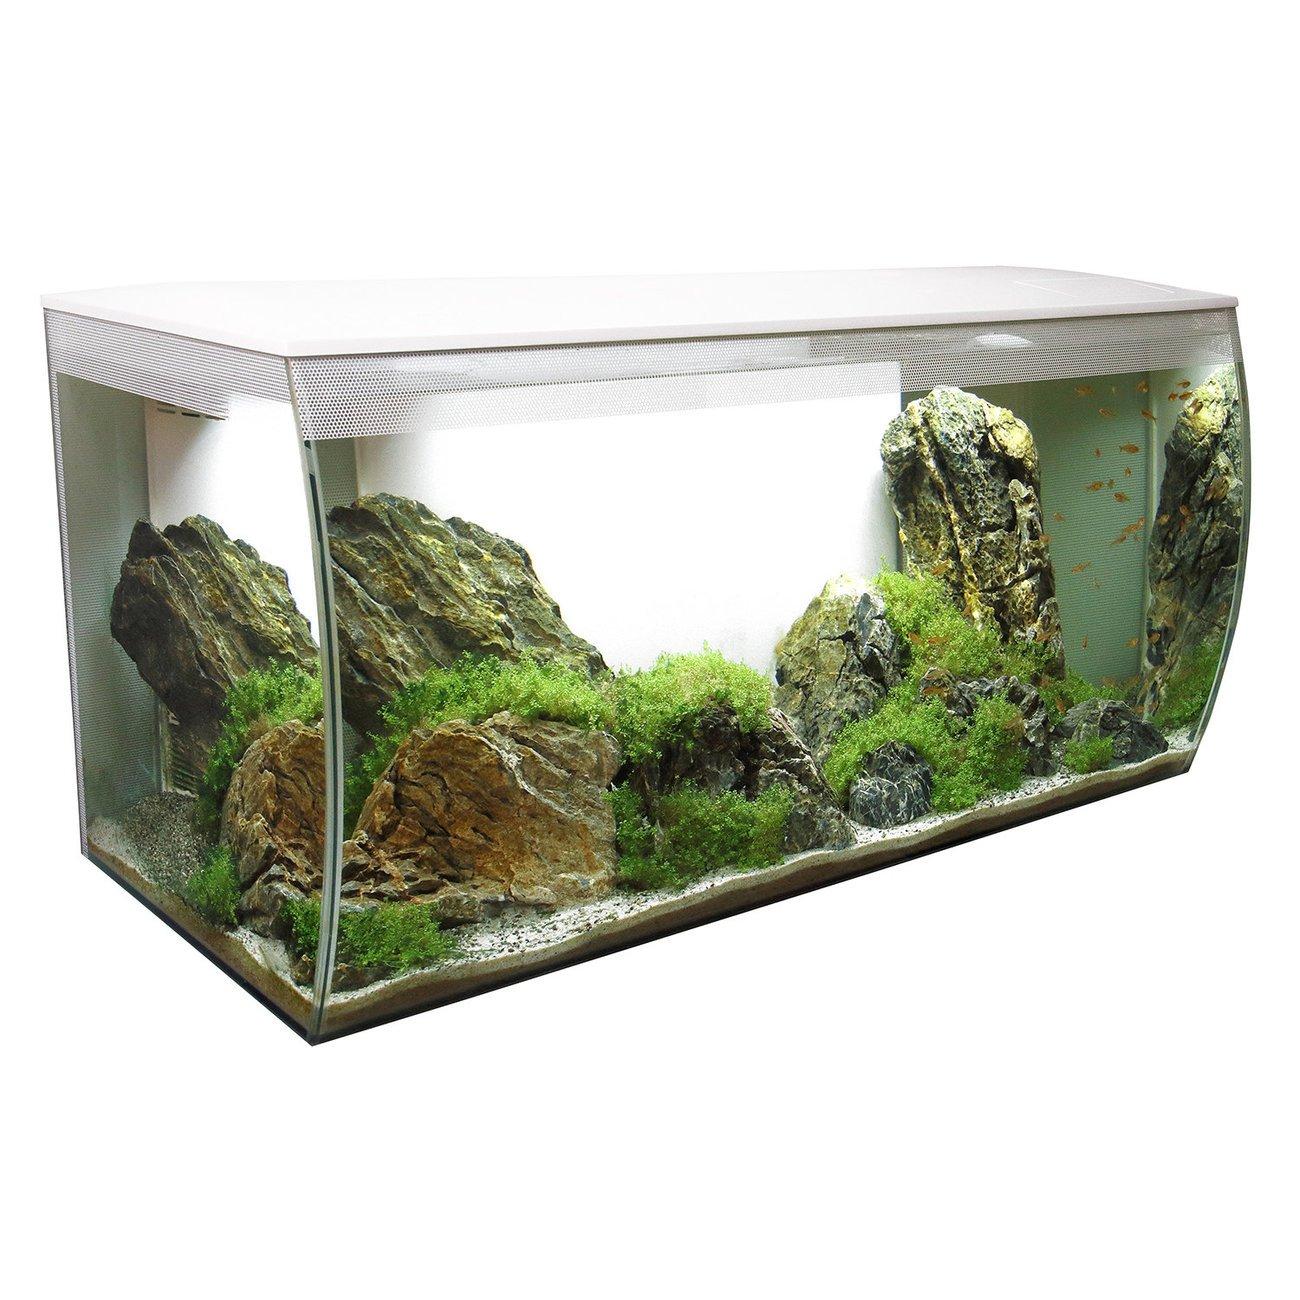 Fluval Flex 123 Liter Aquarium Bild 2